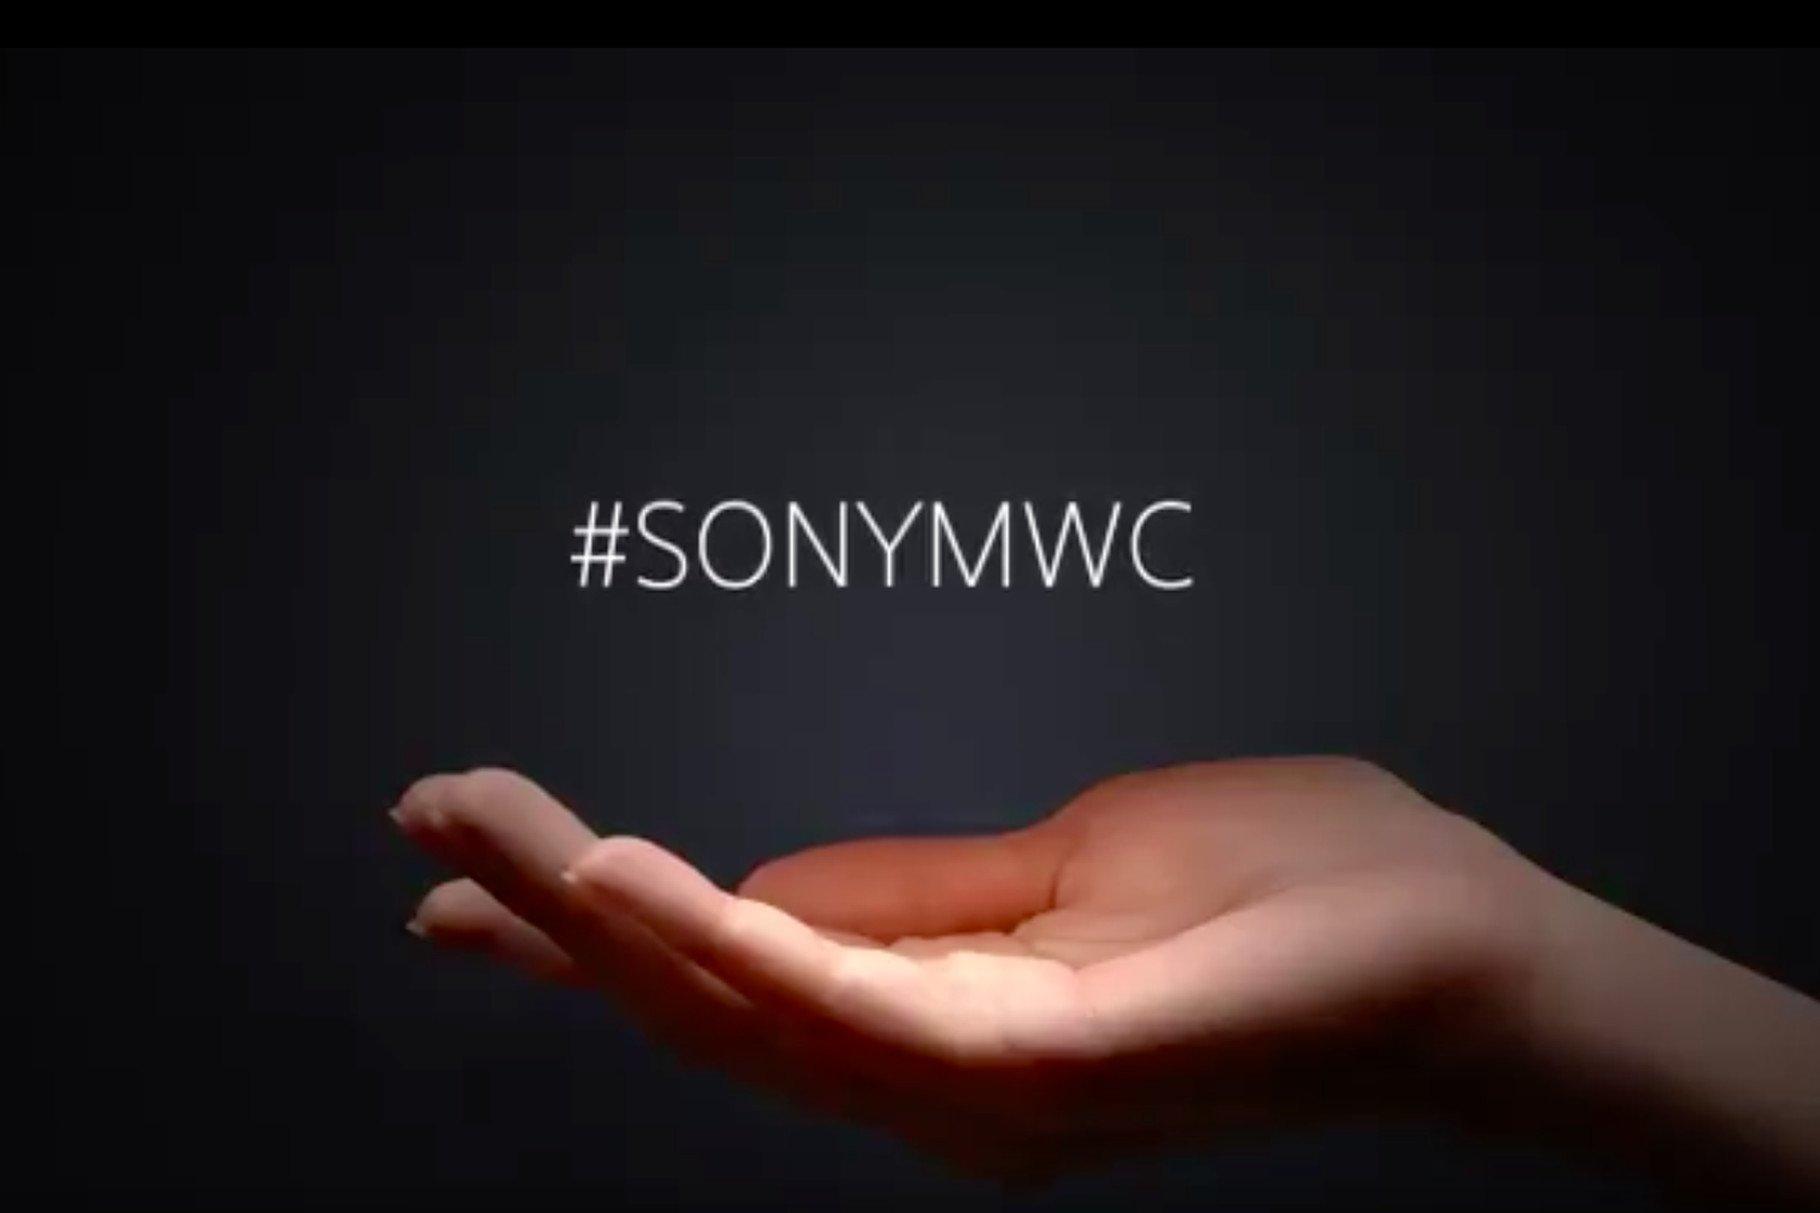 sony mwc 2018